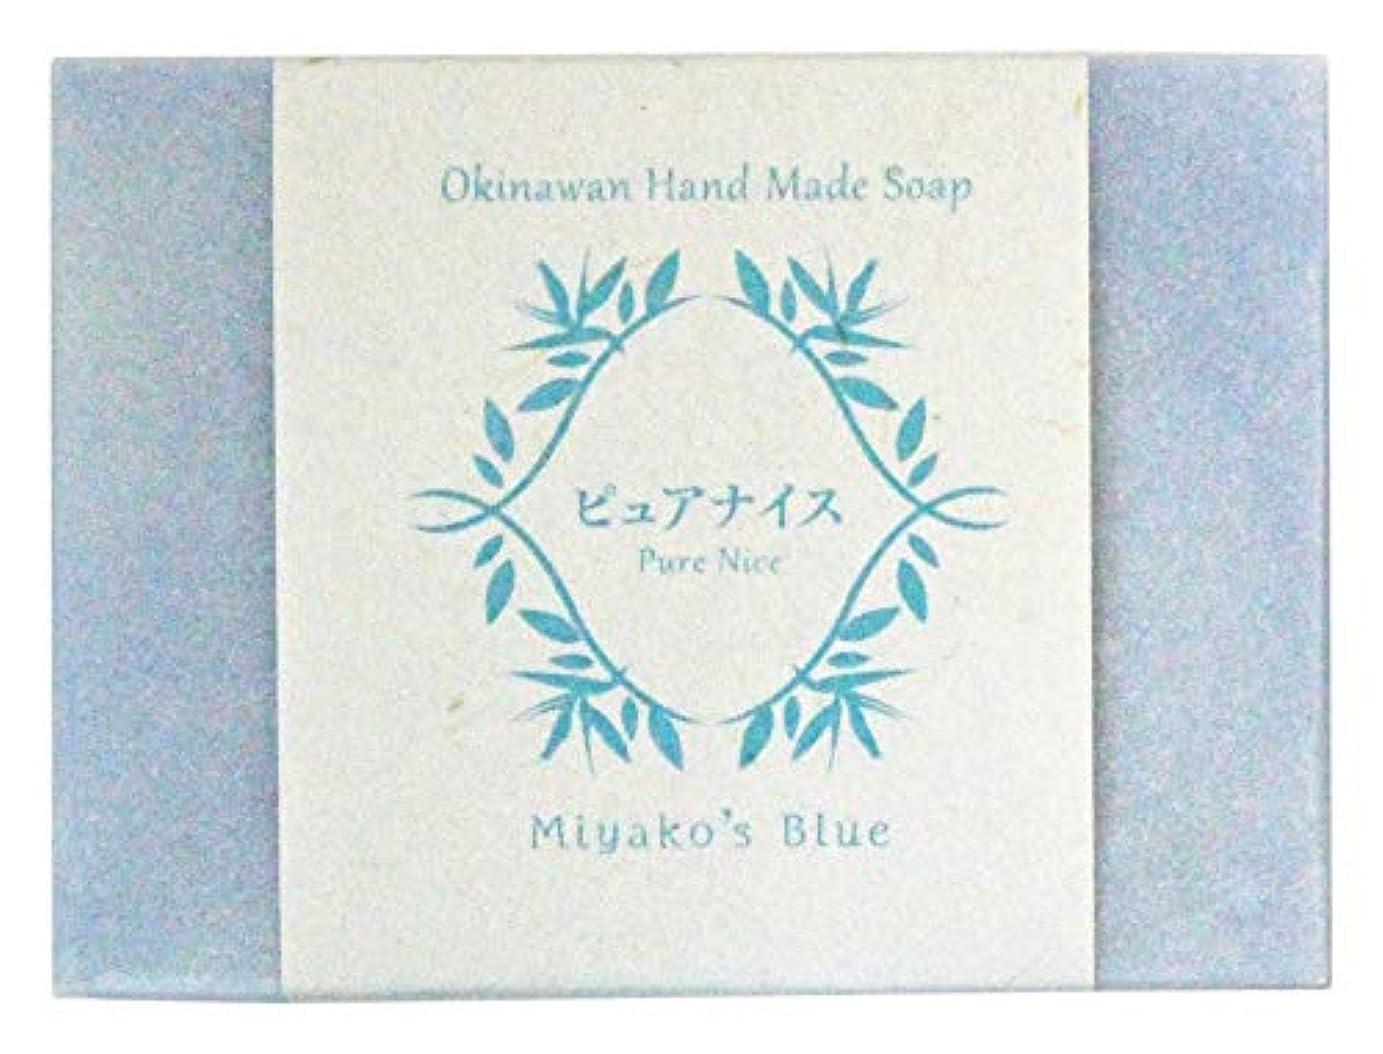 繊毛どれ異常ピュアナイス おきなわ素材石けん Miyako's Blue 100g 3個セット